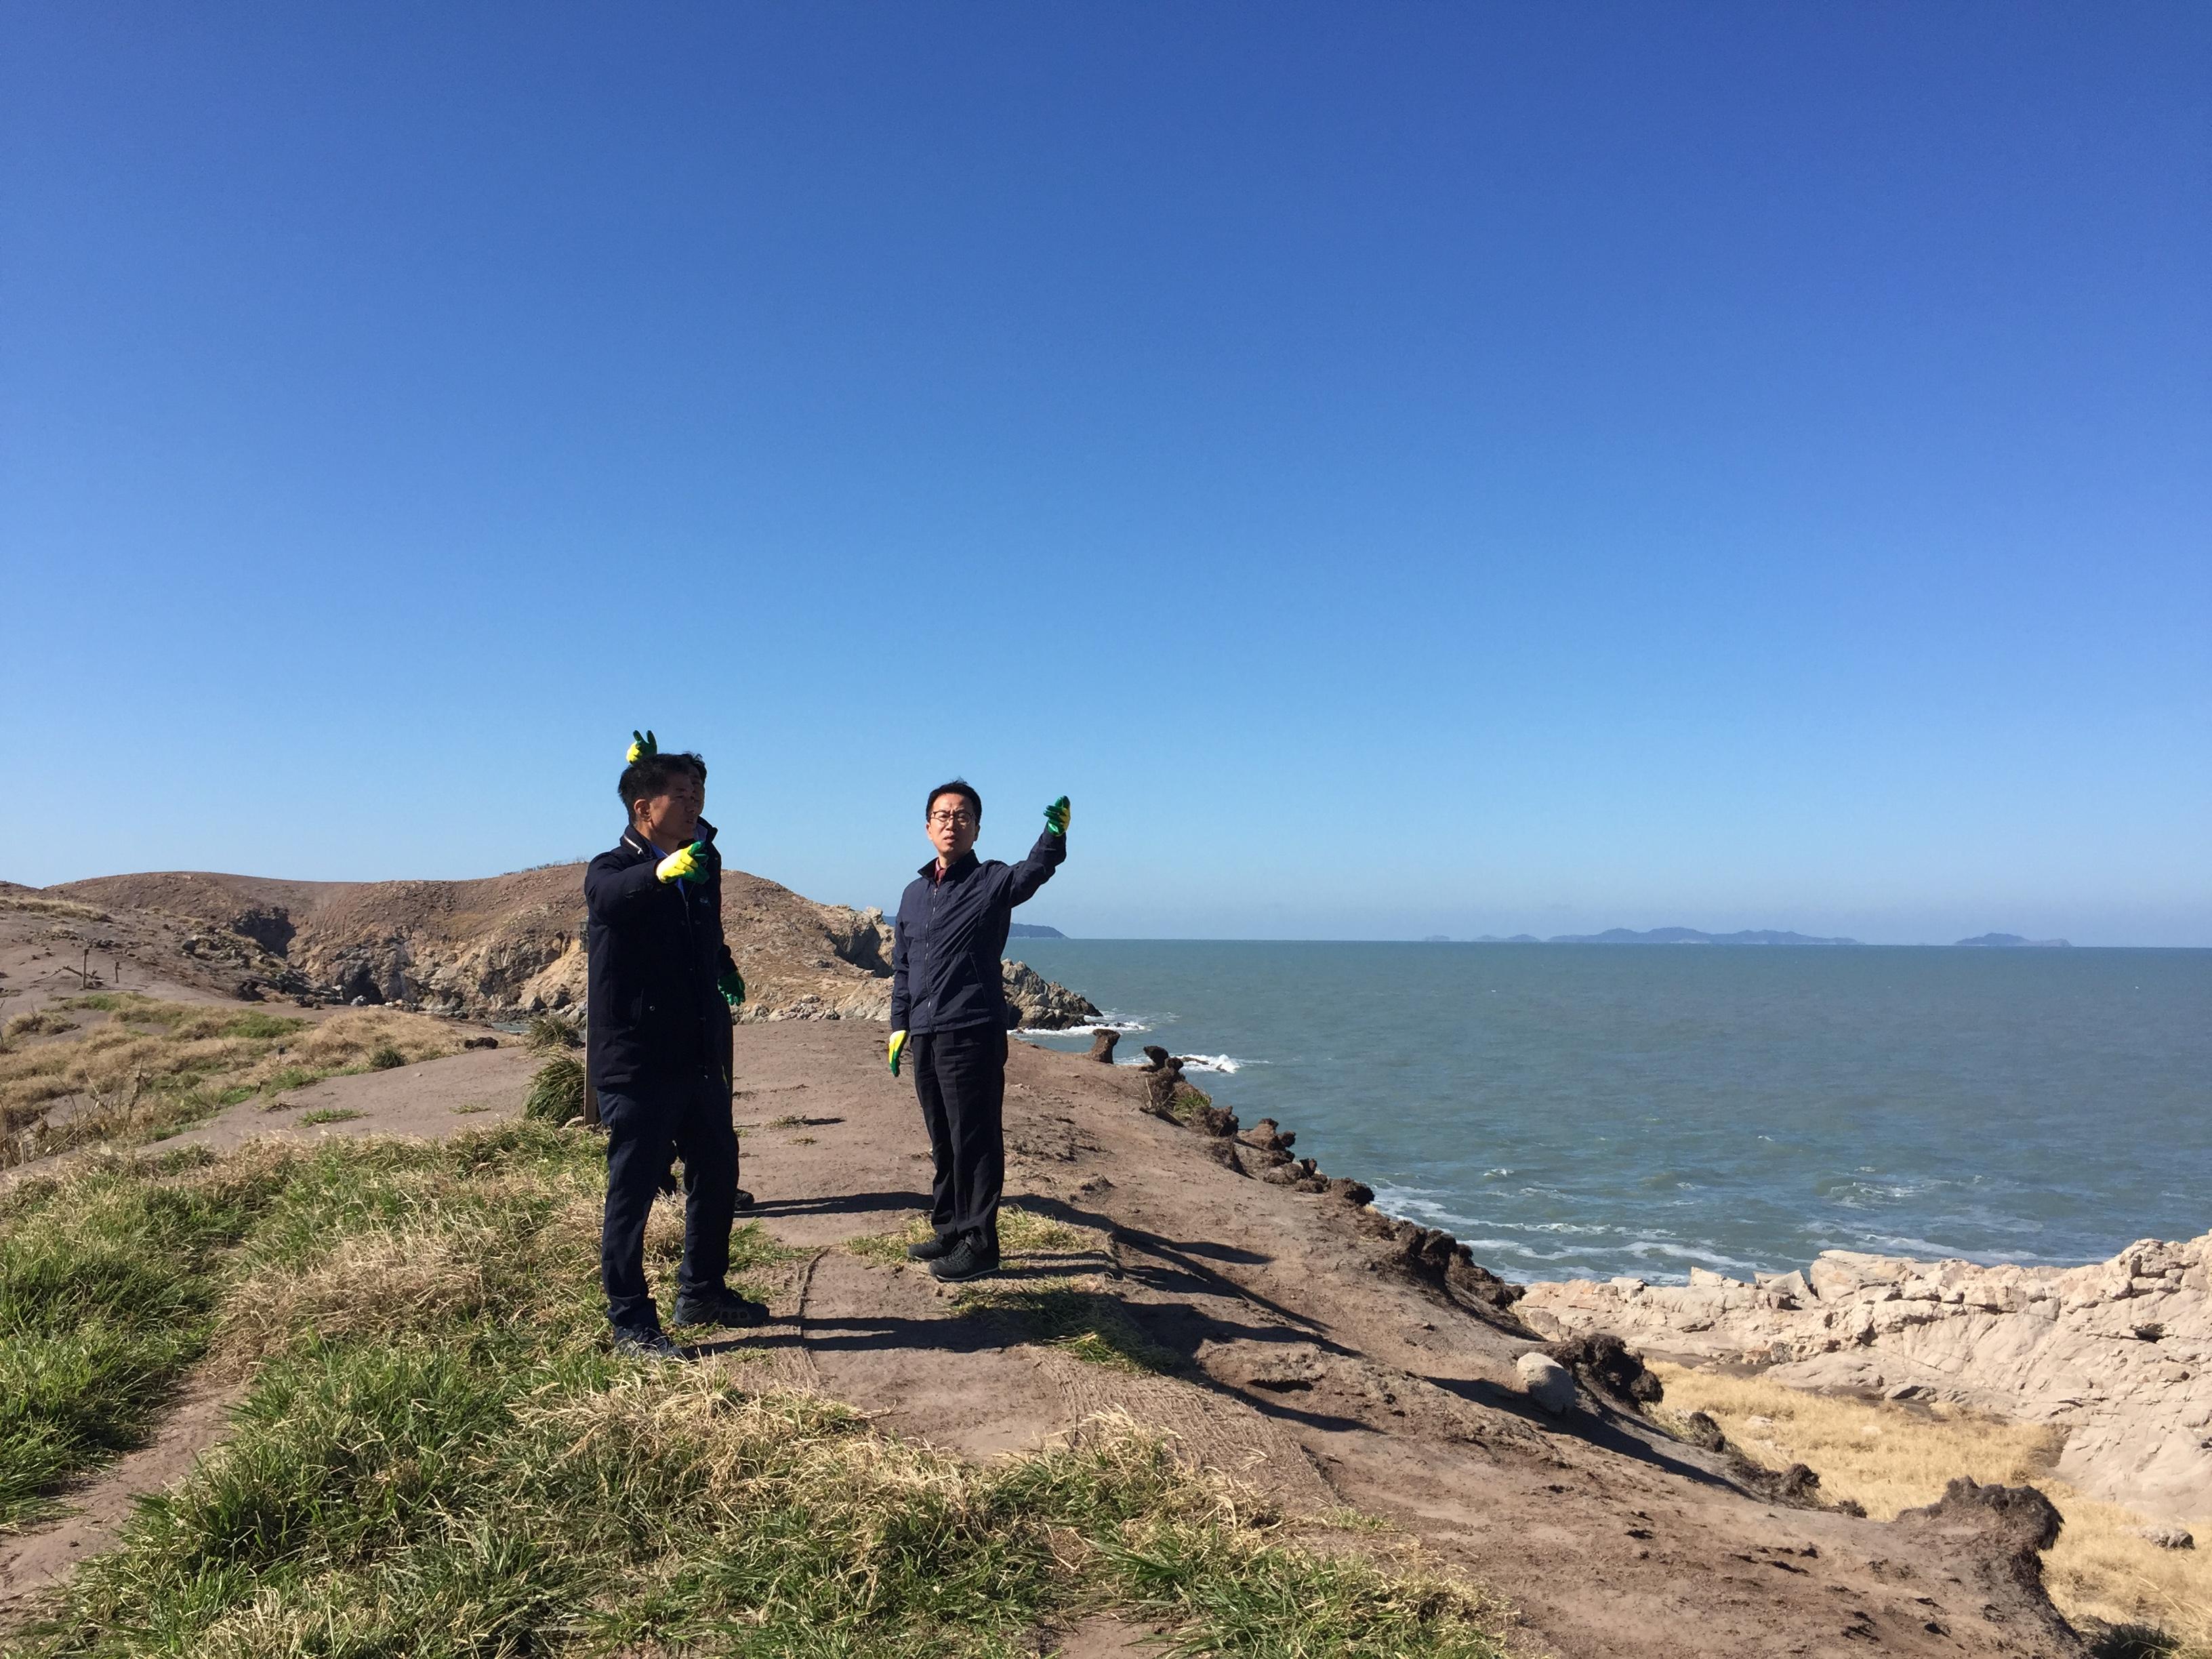 강영구 영광 부군수, 자연 생태계의 보고 육산도 시찰